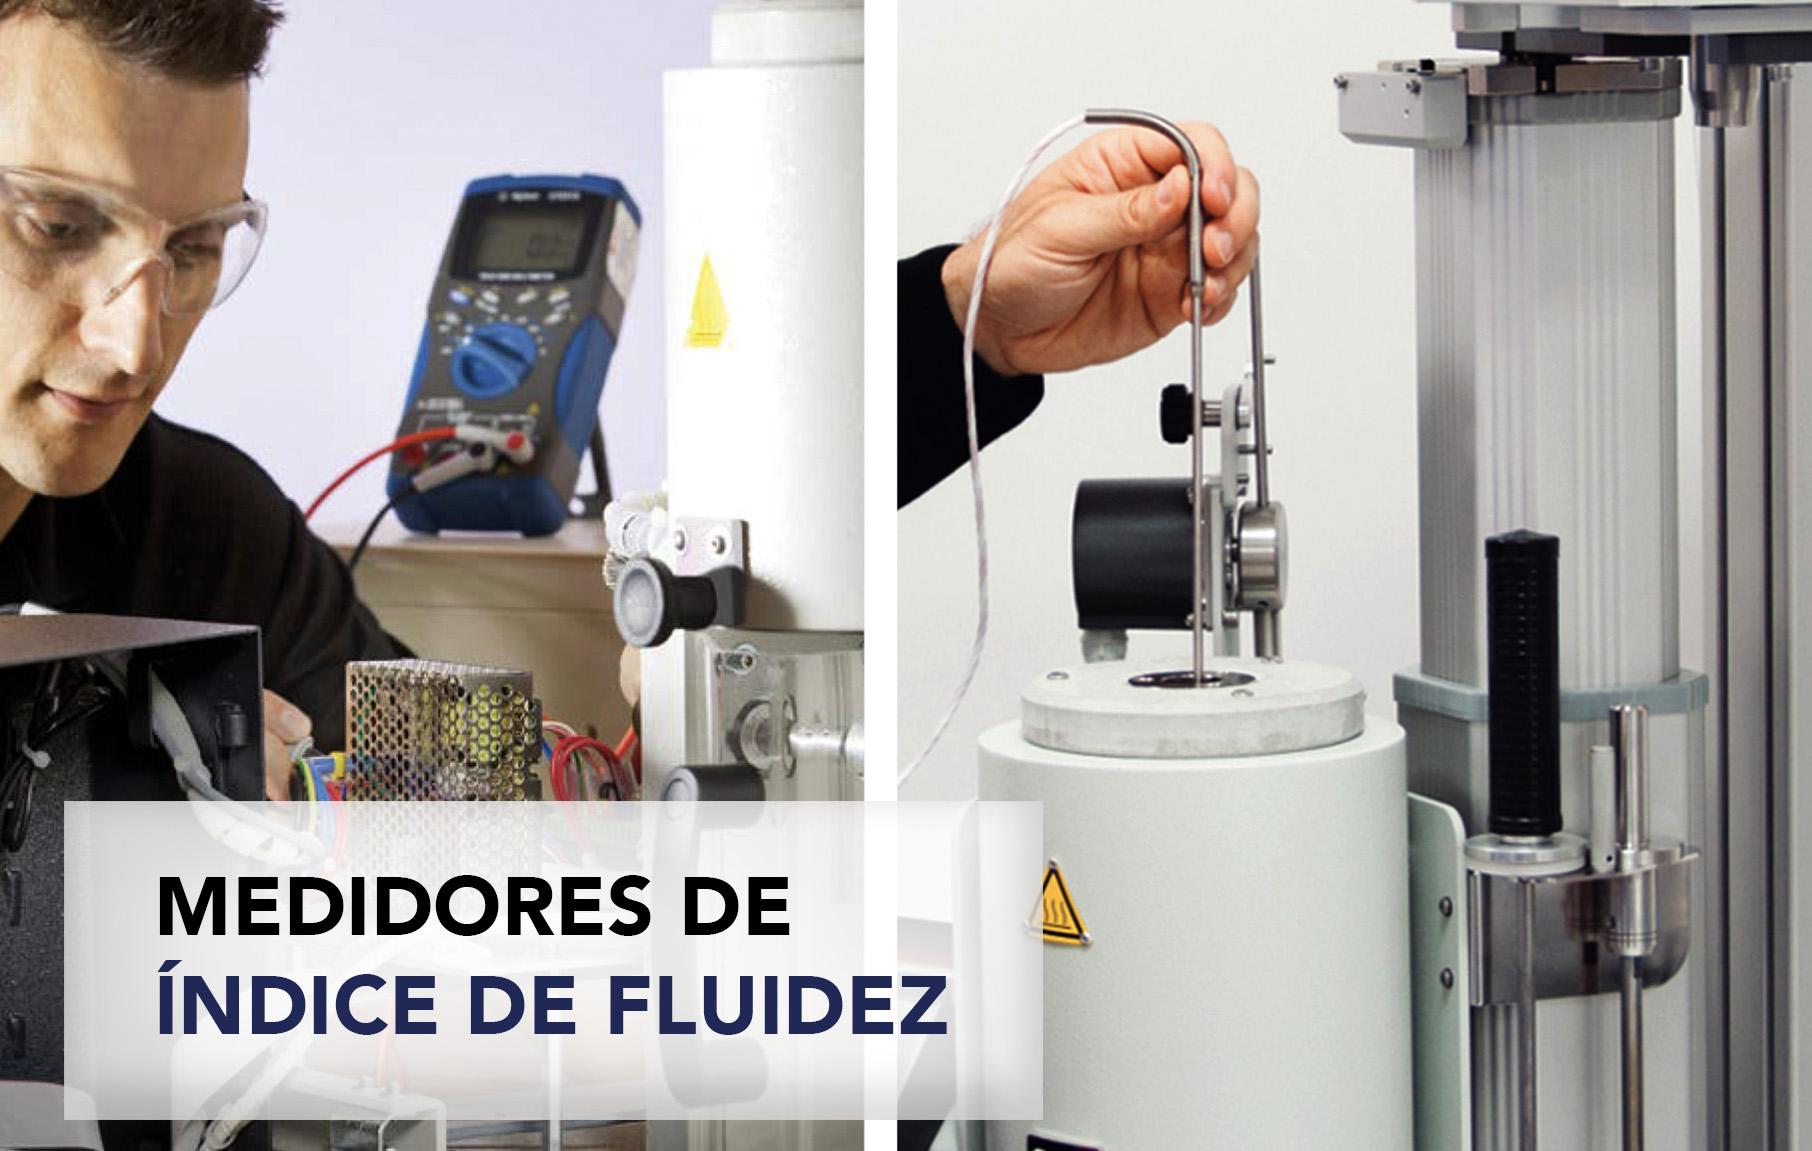 Medidores de índice de fluidez